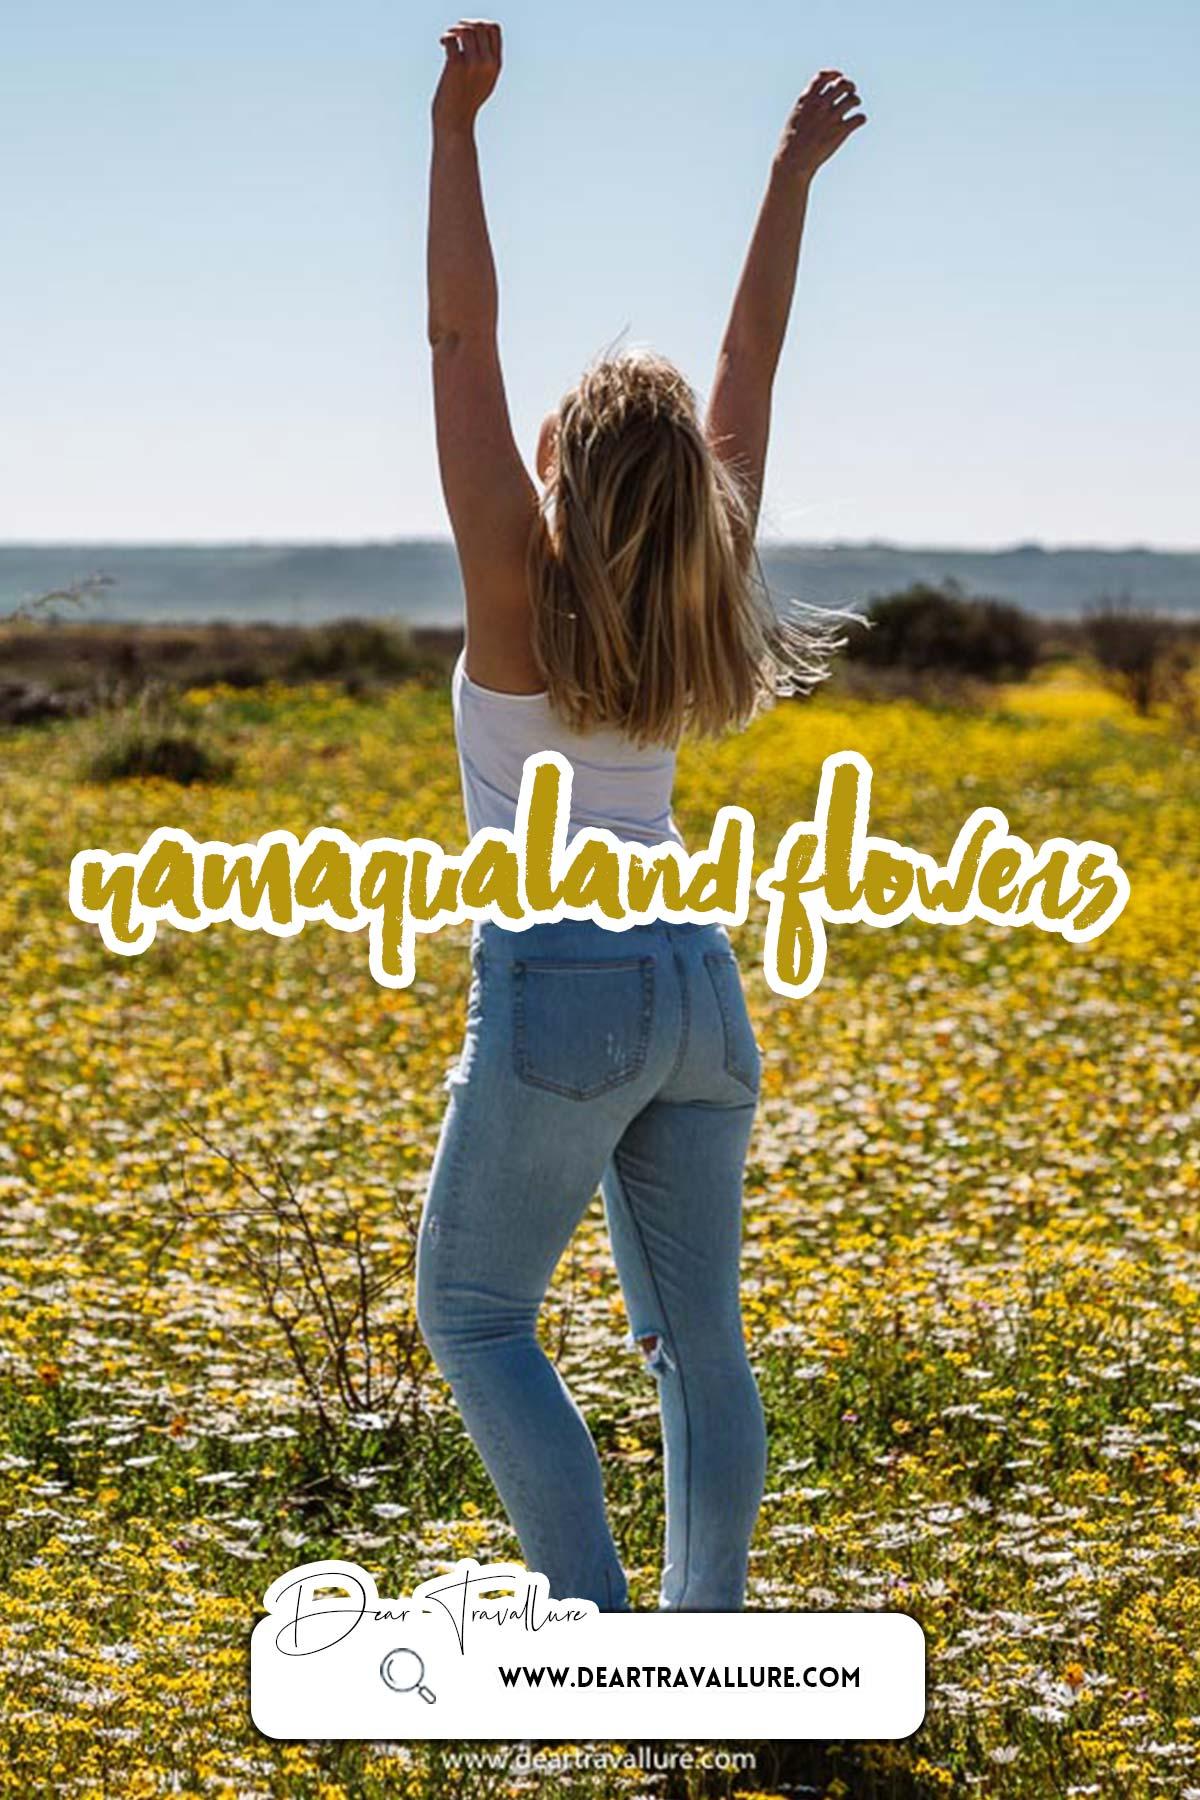 Namaqualand Flower Route - Pinterest Image